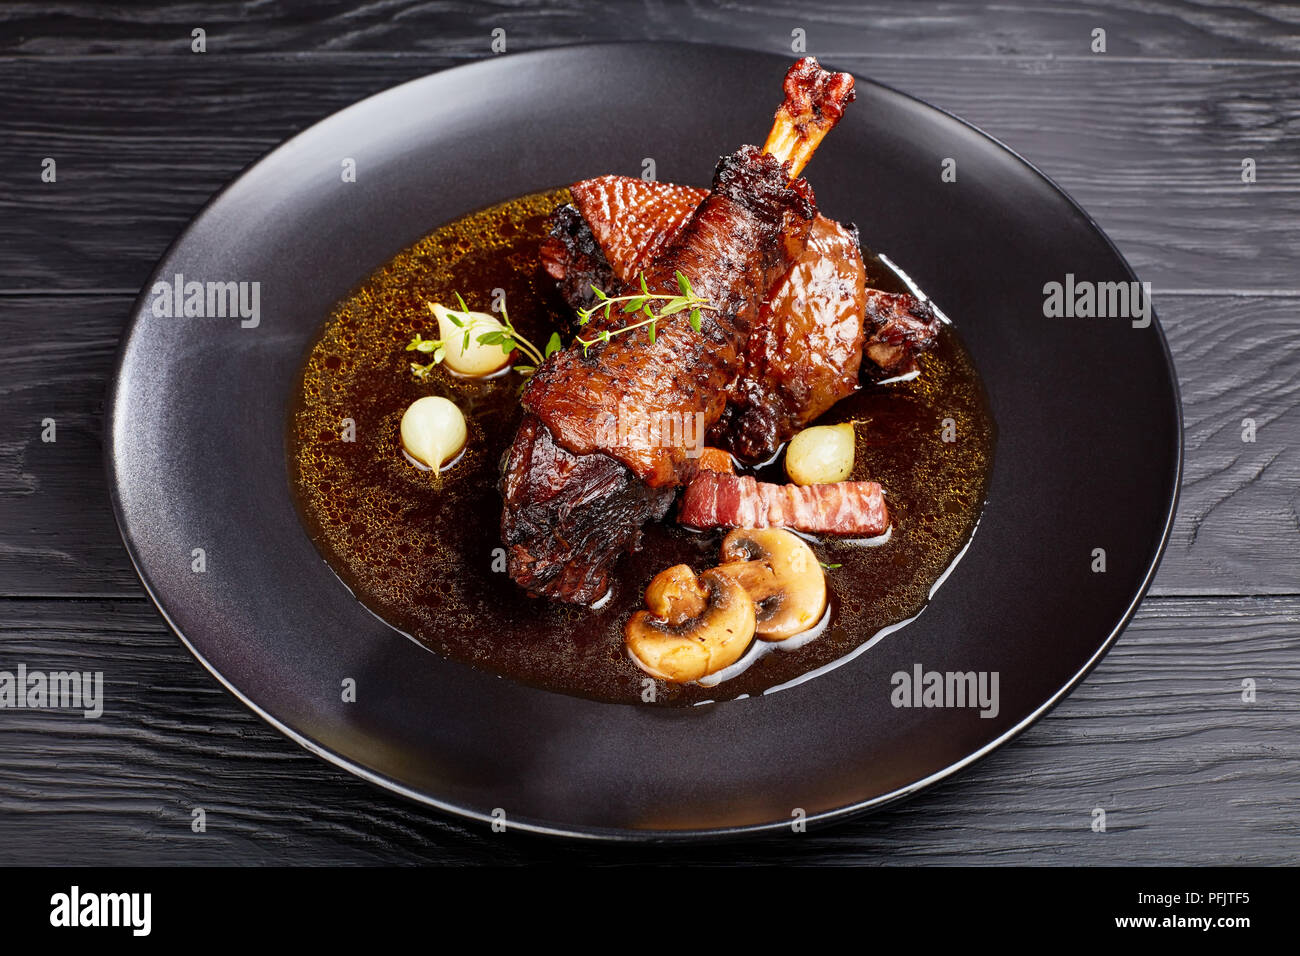 Portion de ragoût de poulet savoureux - braisé de cuisse et le pilon avec le vin, les herbes, les champignons et les légumes servis sur la plaque noire, recette authentique français Photo Stock